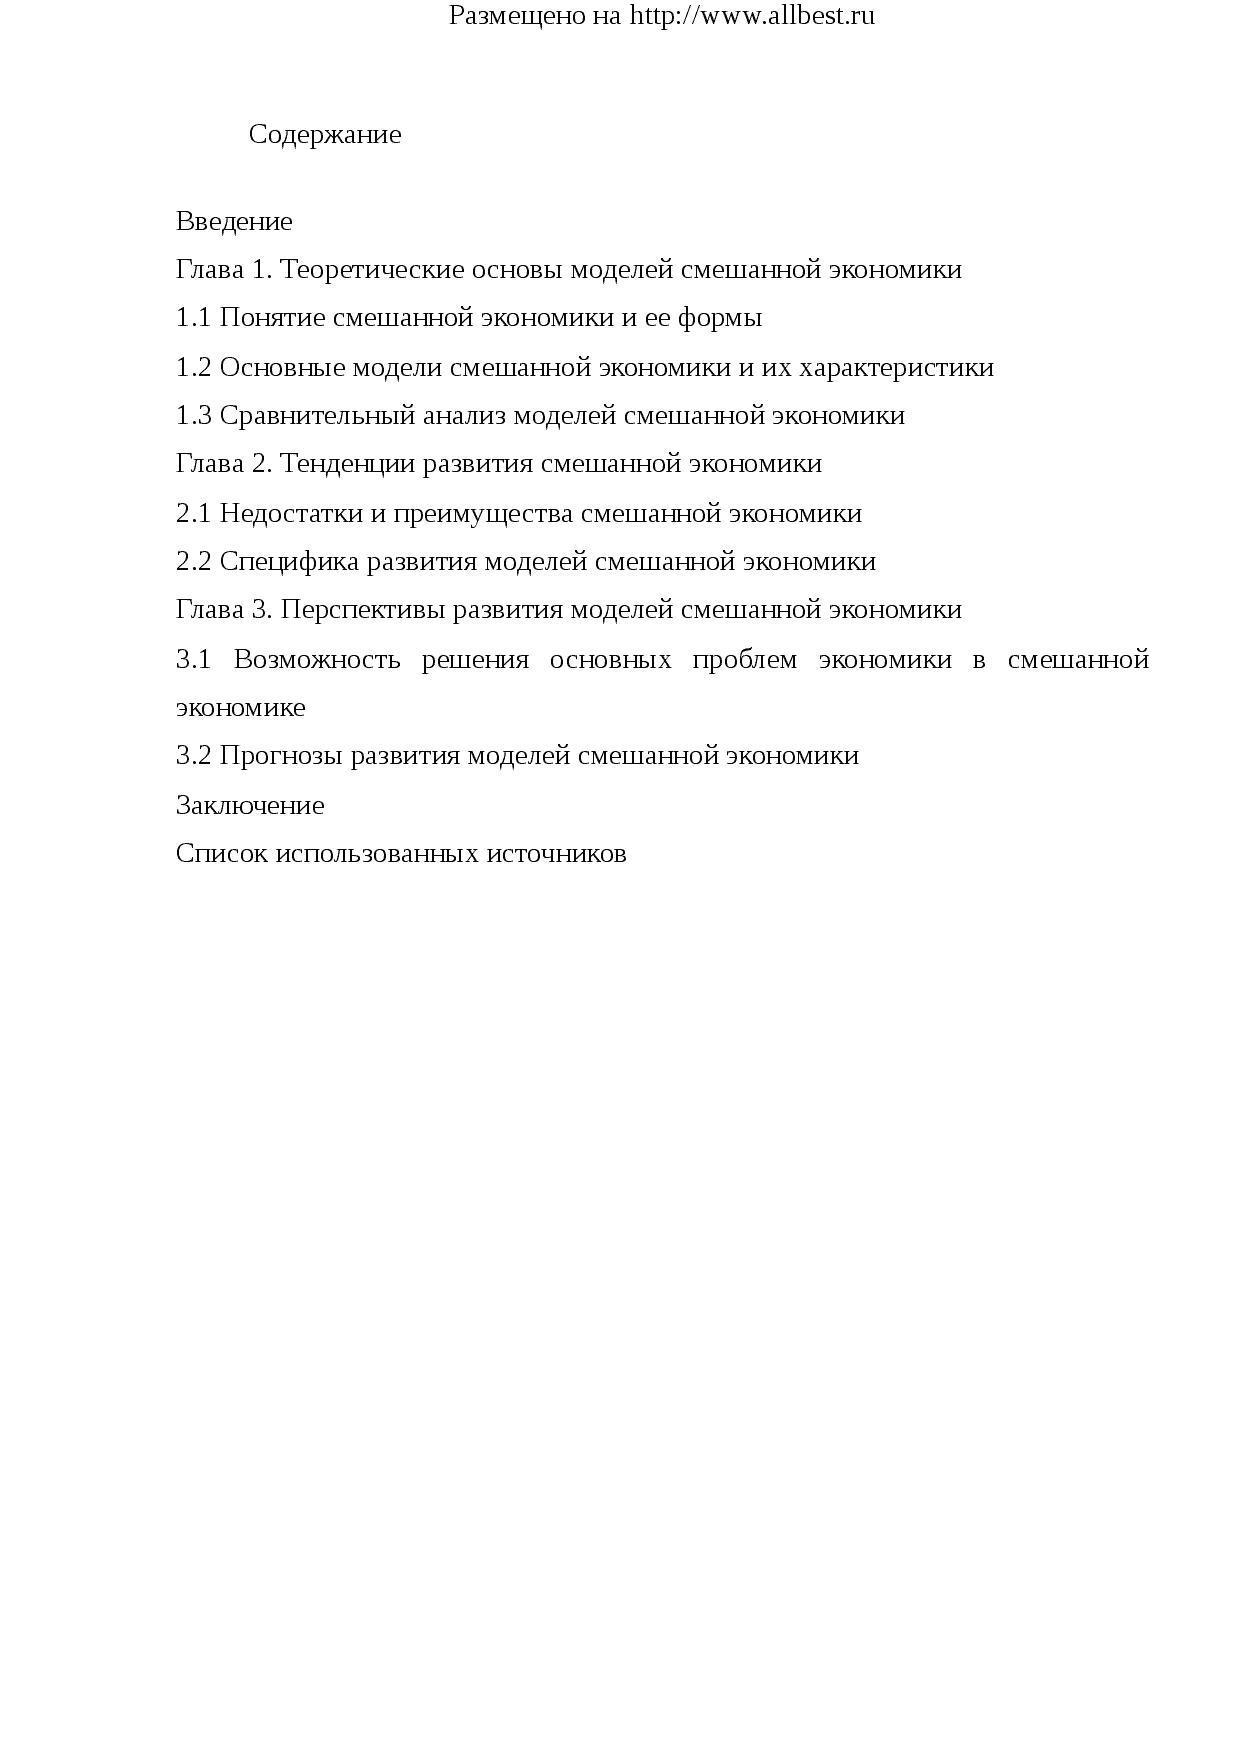 Командная экономика россии